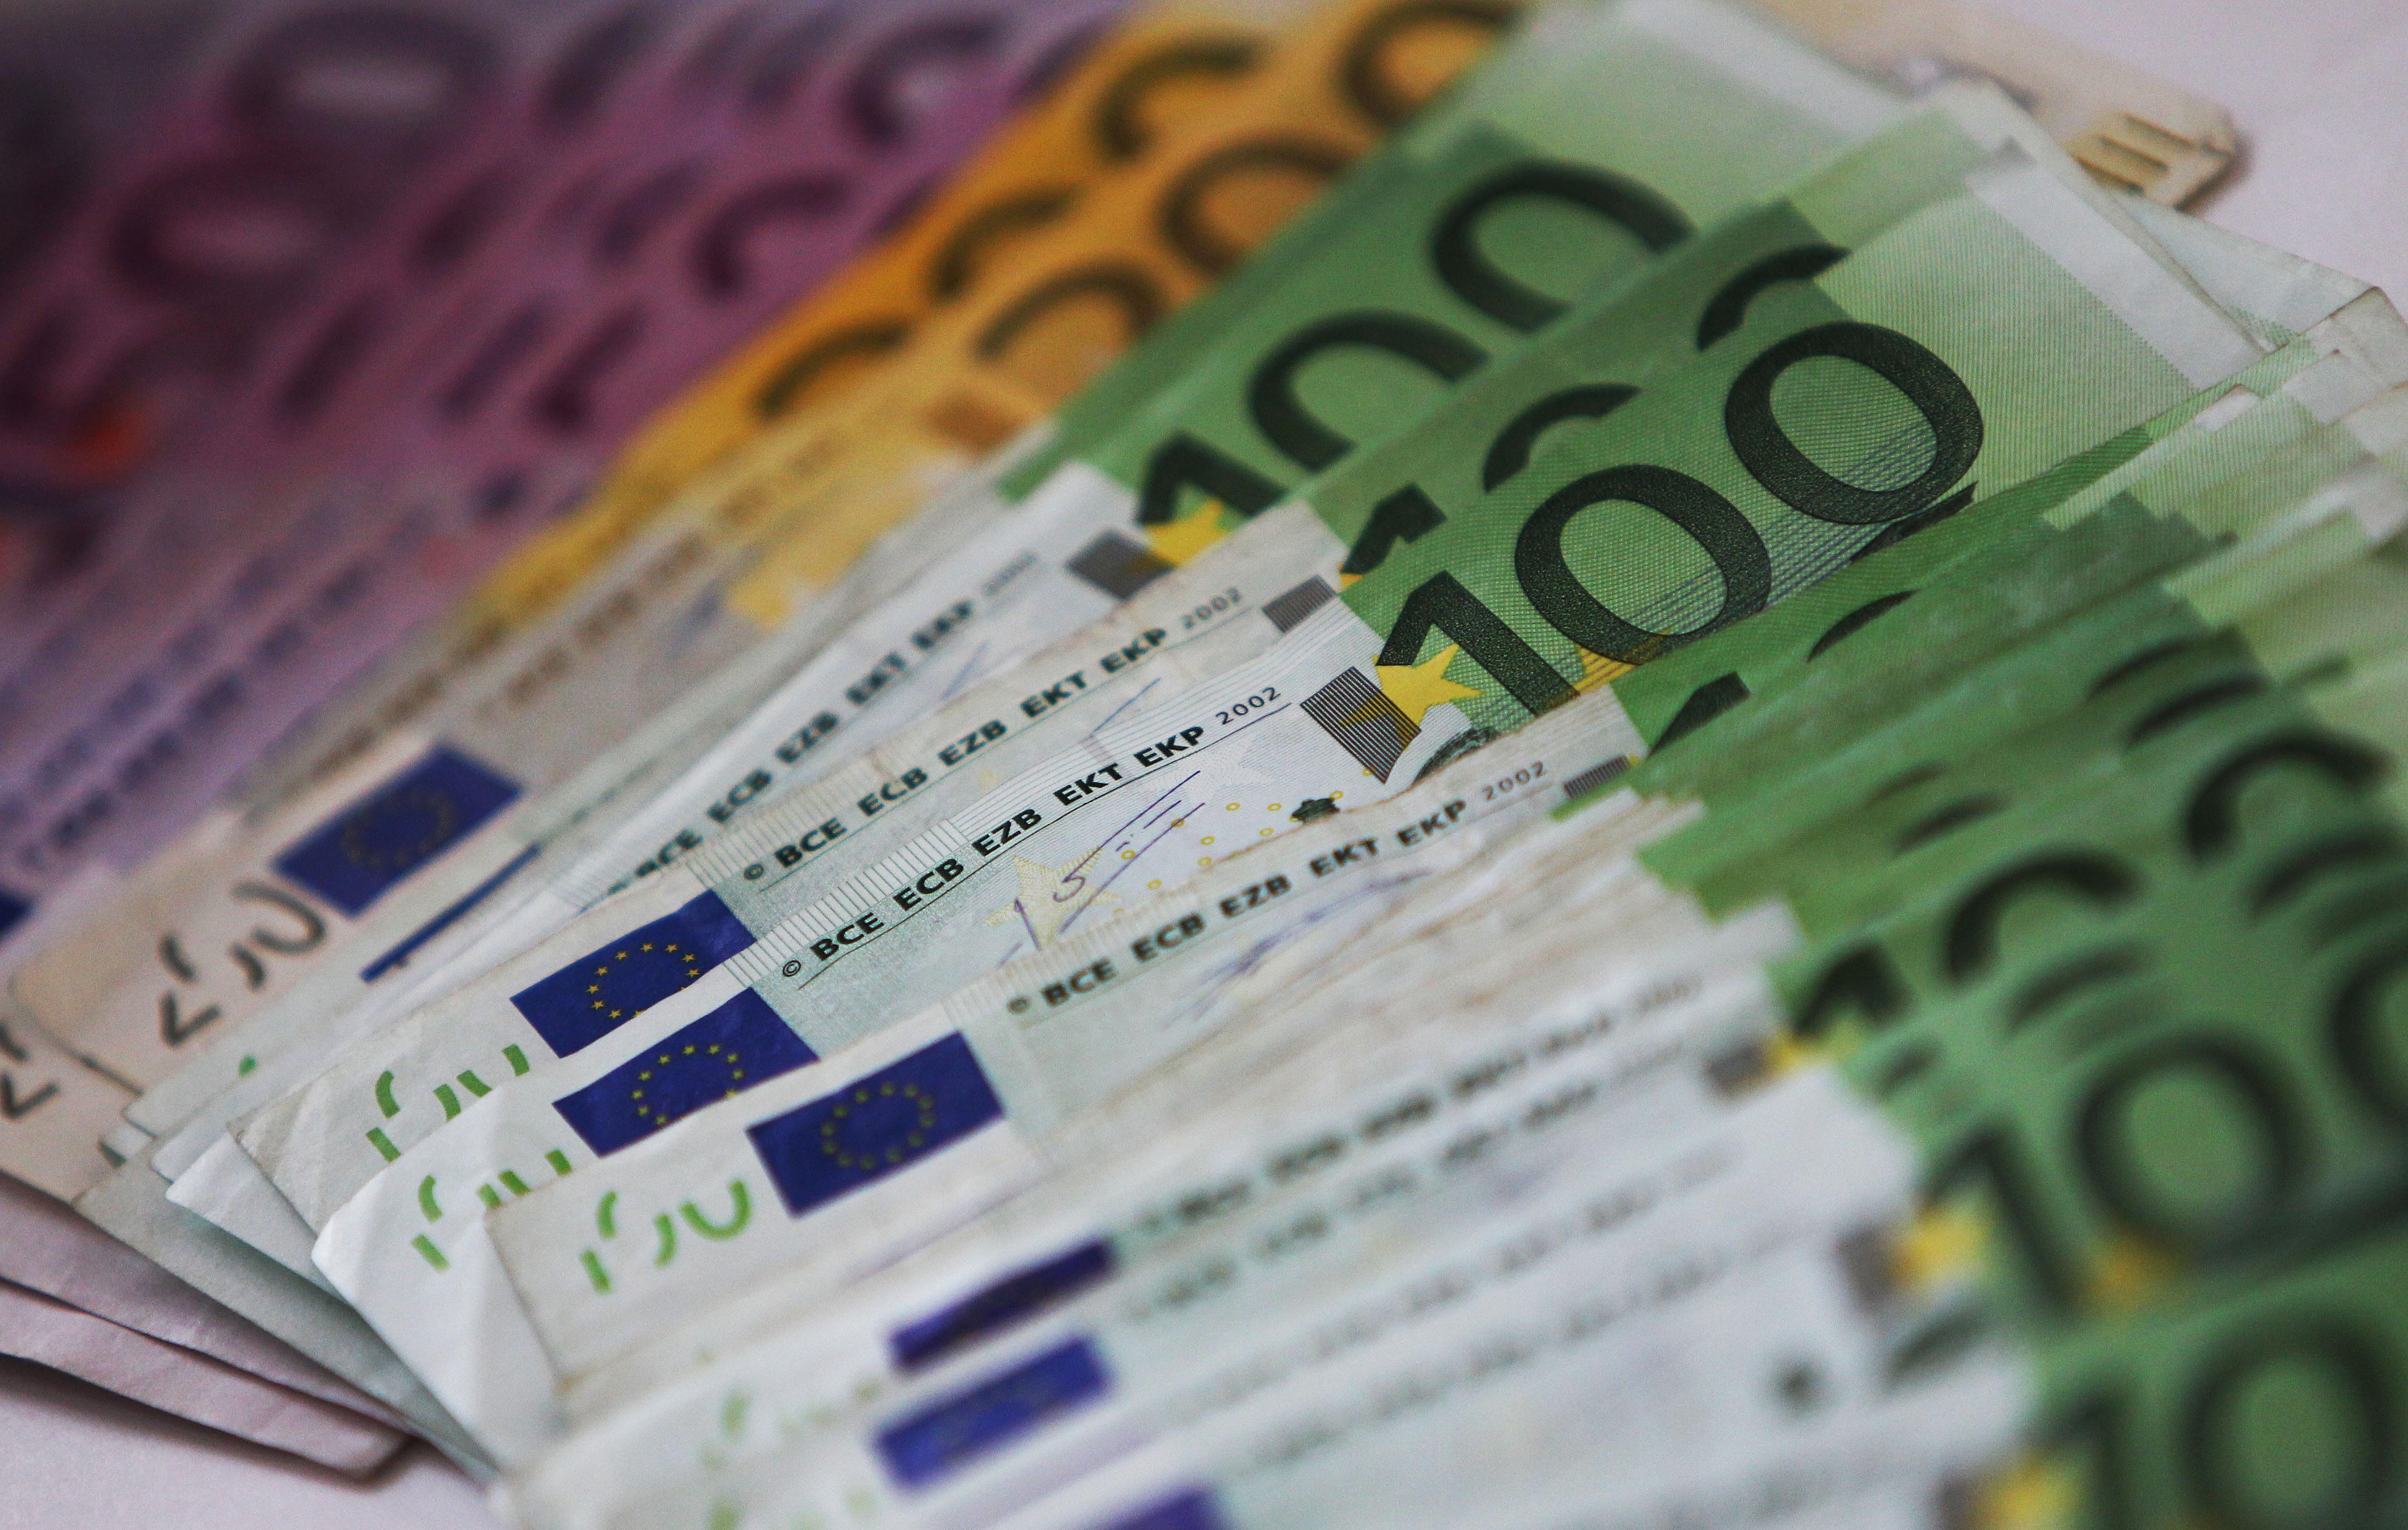 Einstiegsgehalt von 42.000 Euro – Gehaltserwartungen der Studenten steigen